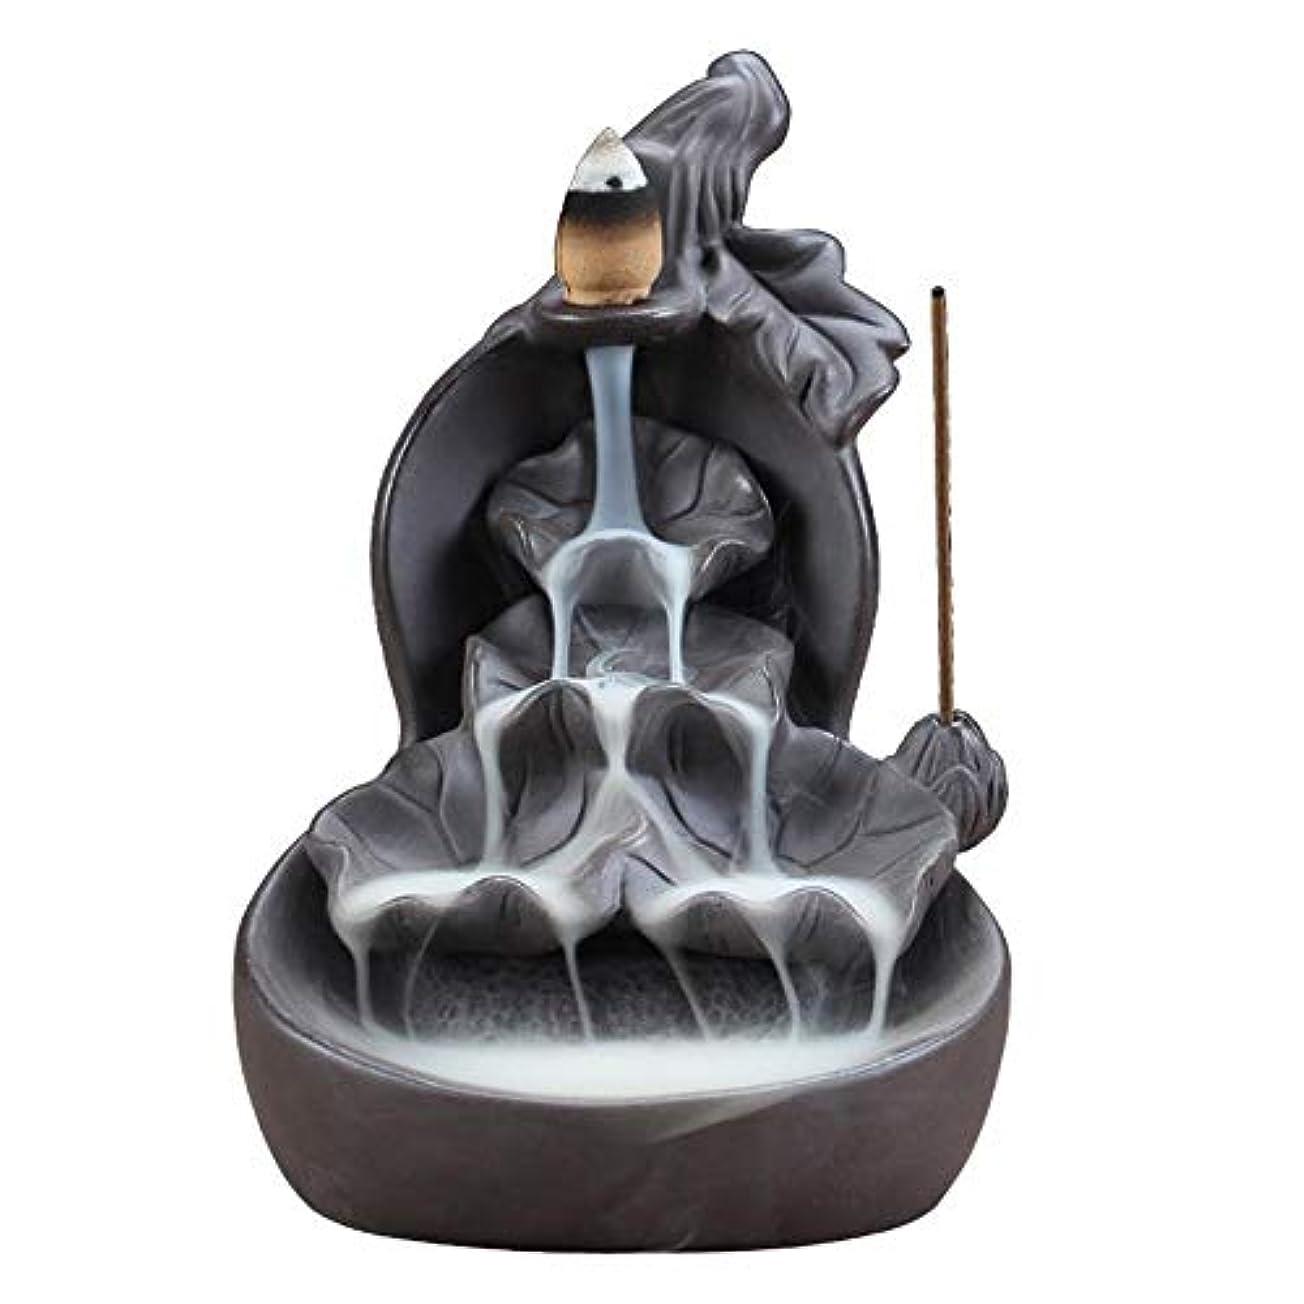 震えジョブアークSLLING 蓮 セラミック 香炉 逆流香炉ホルダー 逆流香炉 蓮の手作りお香ホルダー 滝 お香 コーン型 10個入り